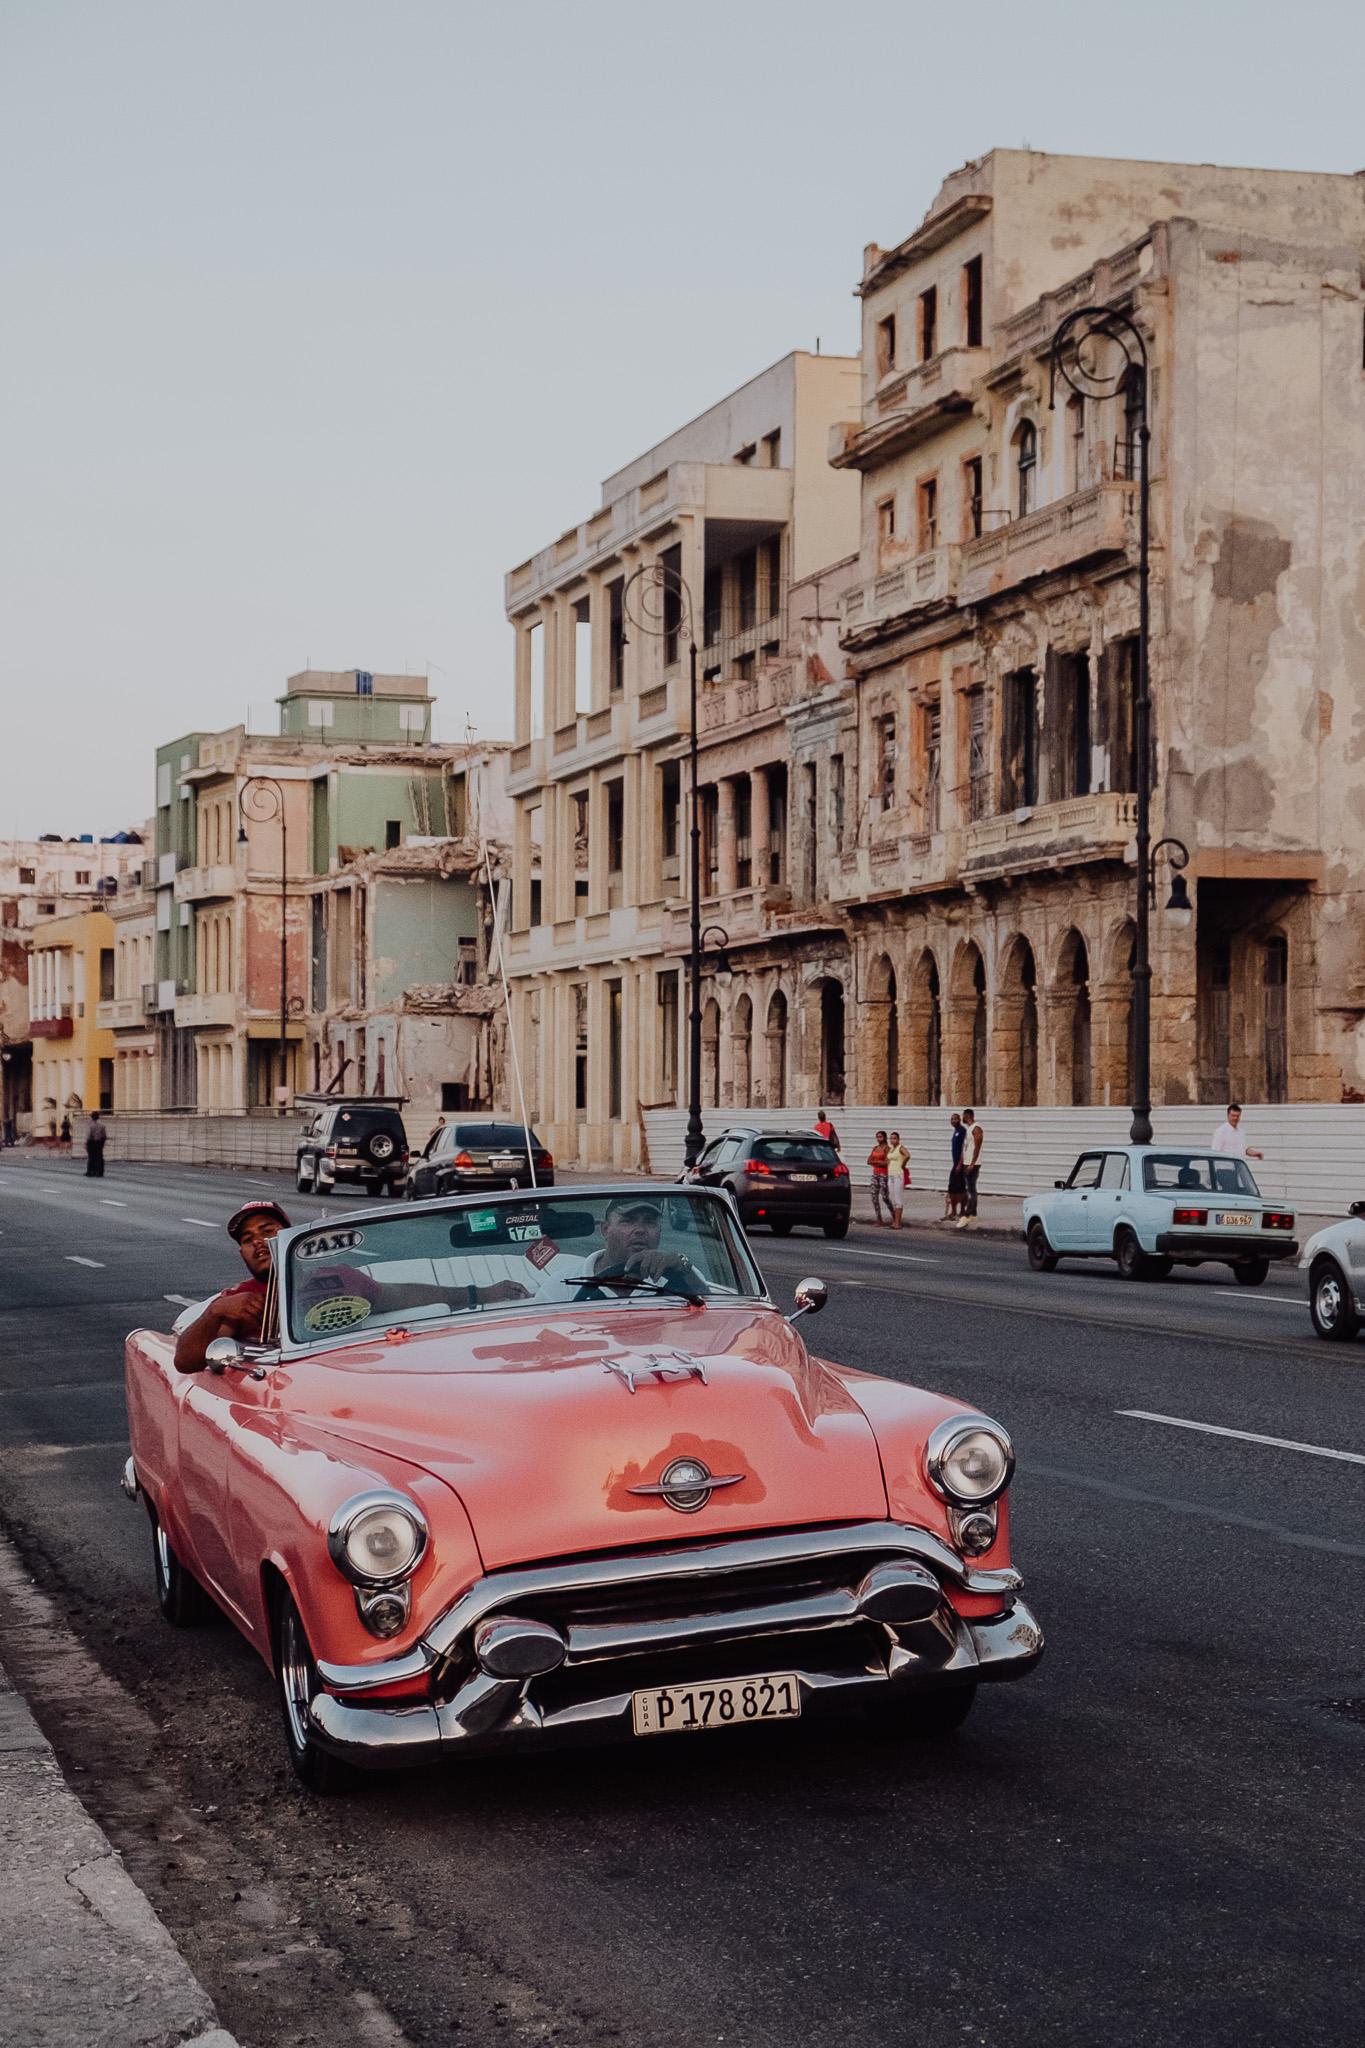 Cuba-2017-12-Havana-1240.jpg